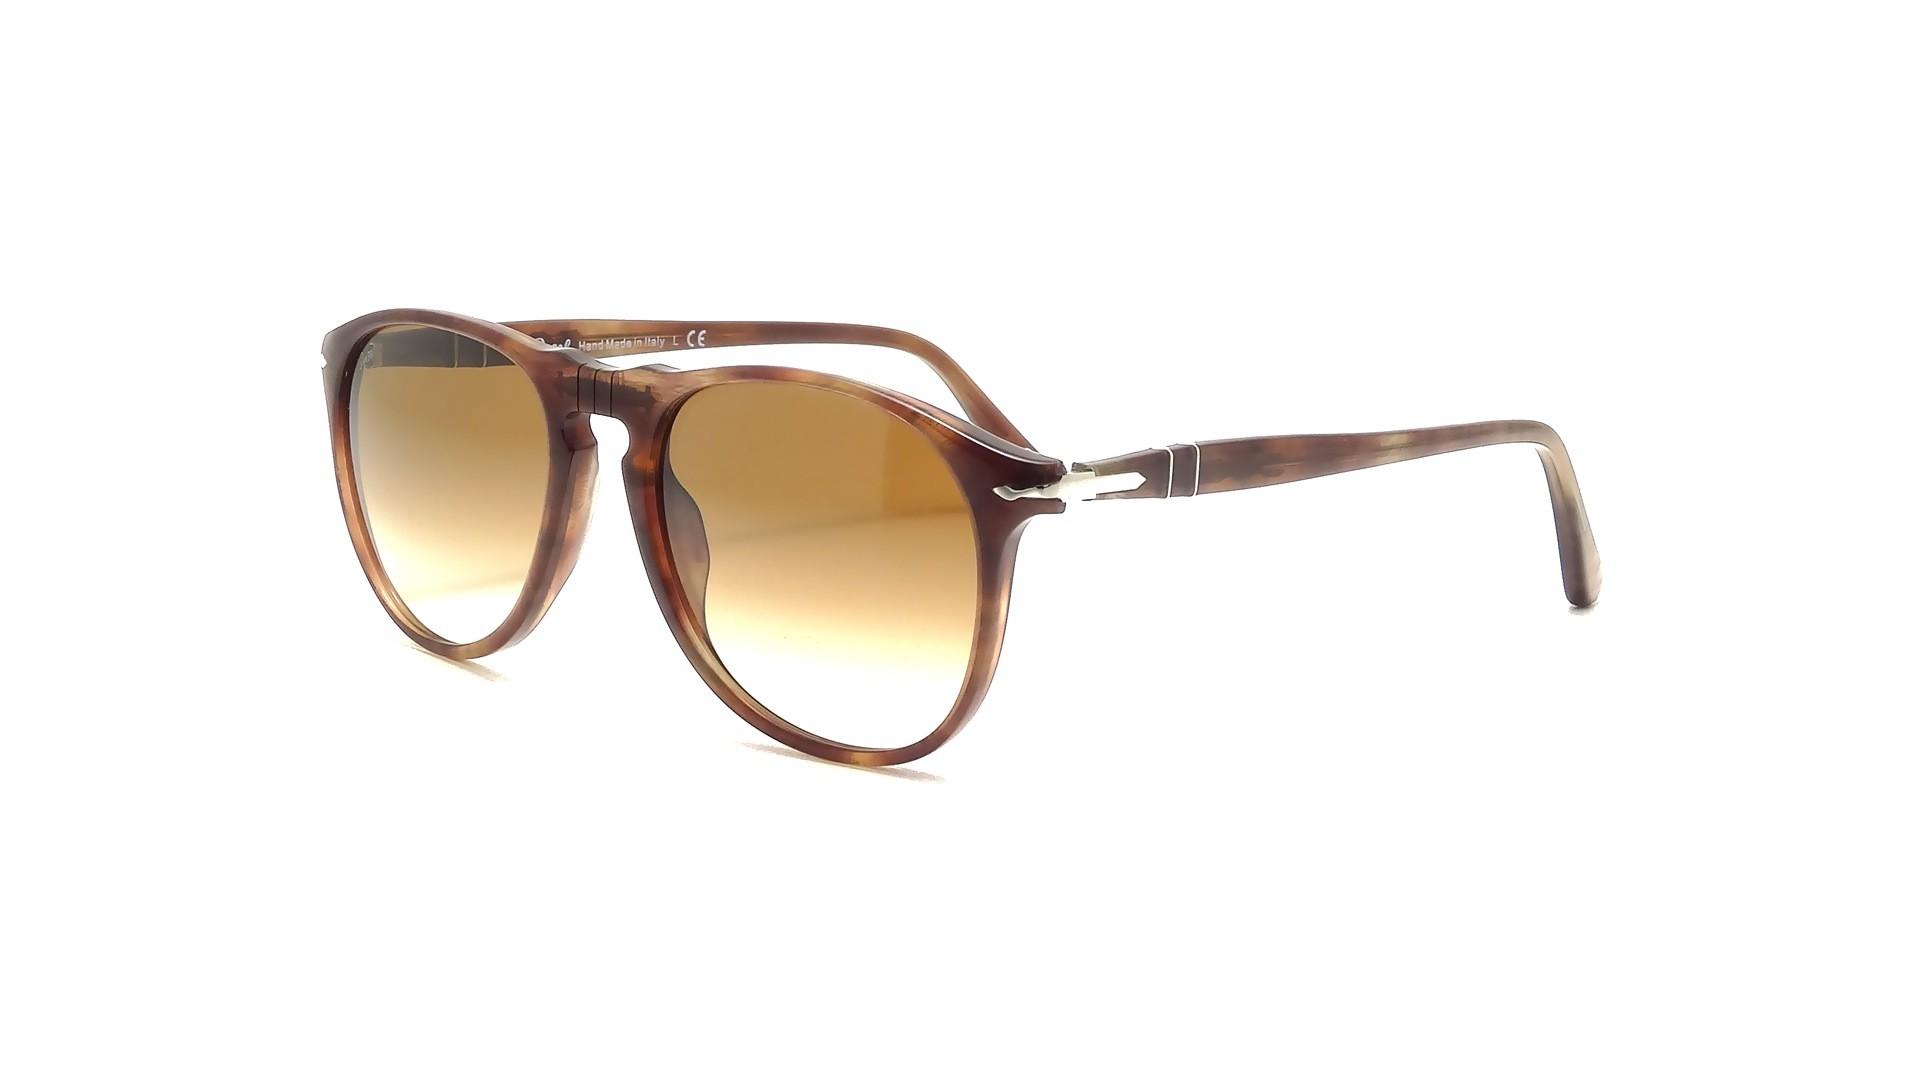 2e563c4ed7 Sunglasses Persol PO9649S 972 51 55-18 Brown Large Gradient